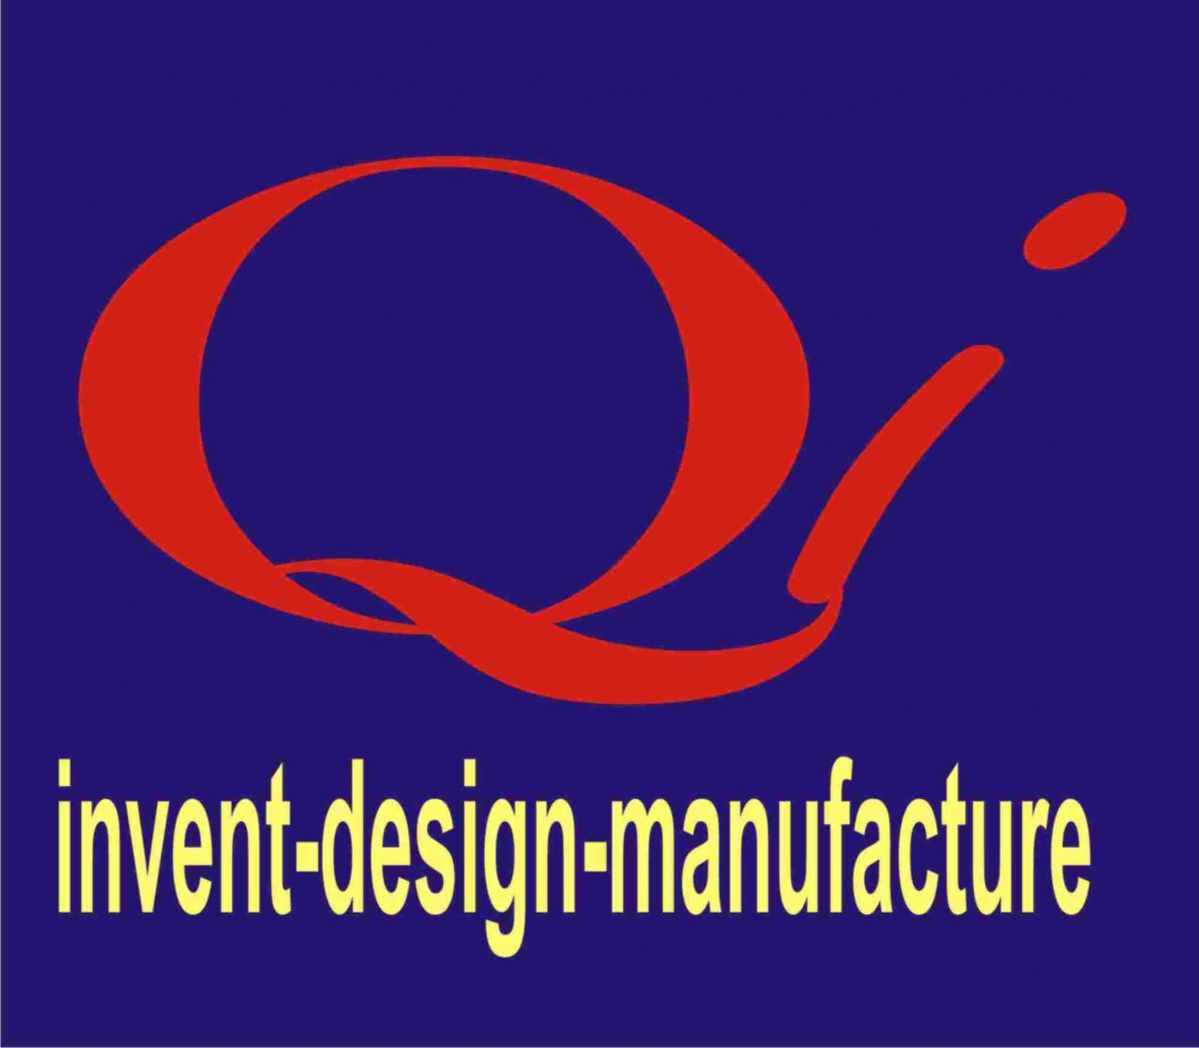 quadri-invention Logo